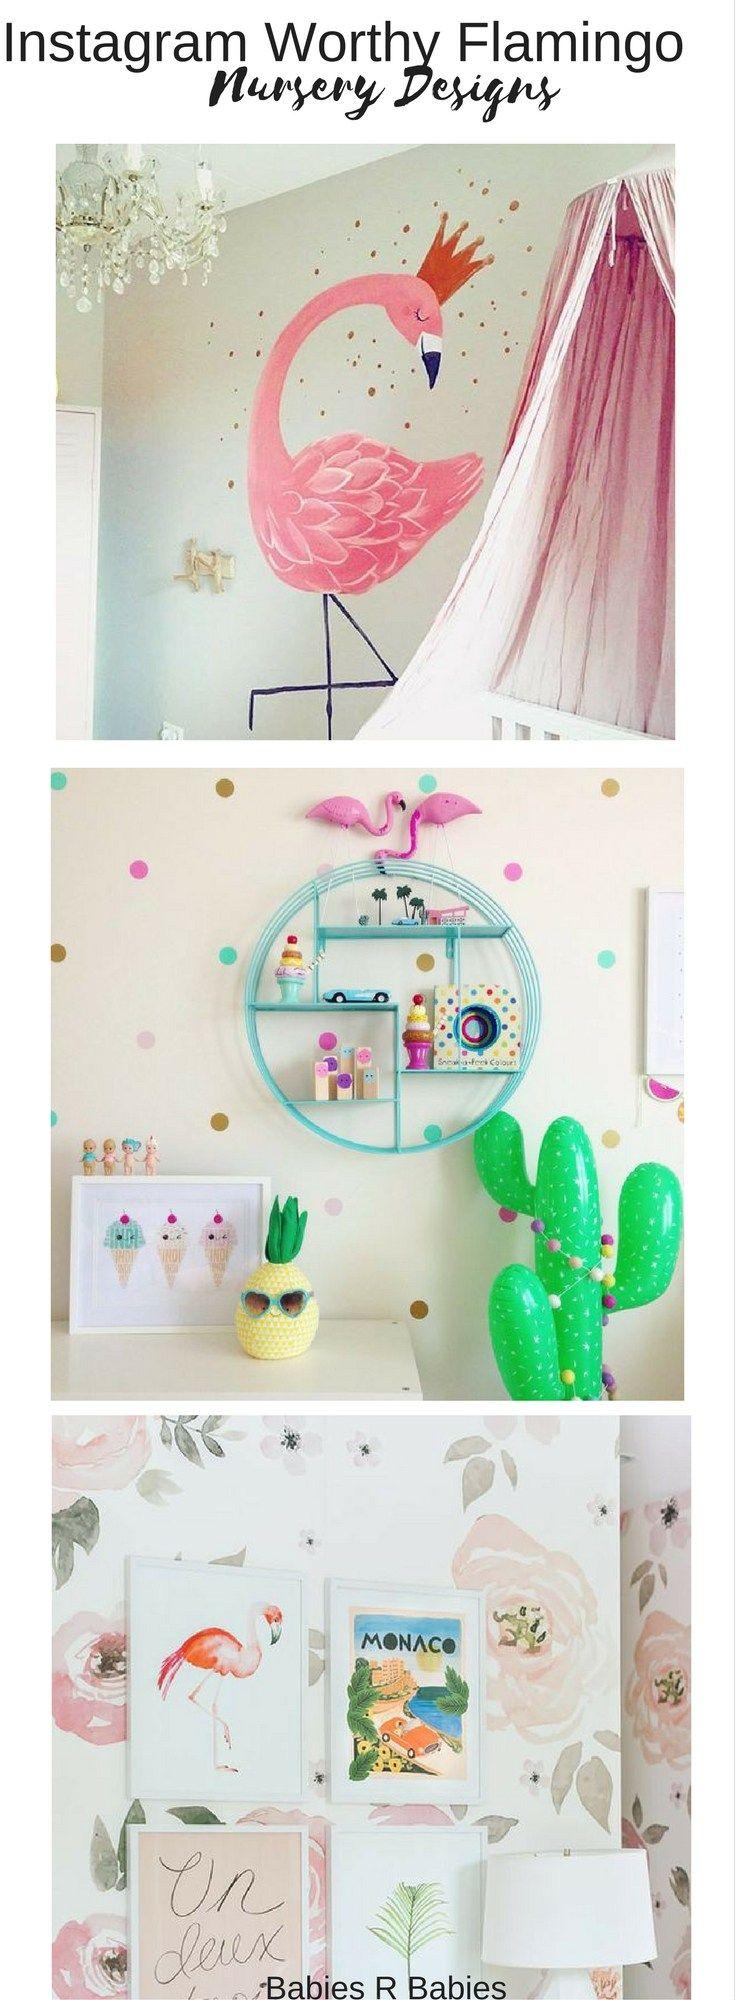 Baby flamingo car interior design - 11 Instagram Worthy Flamingo Nursery Designs